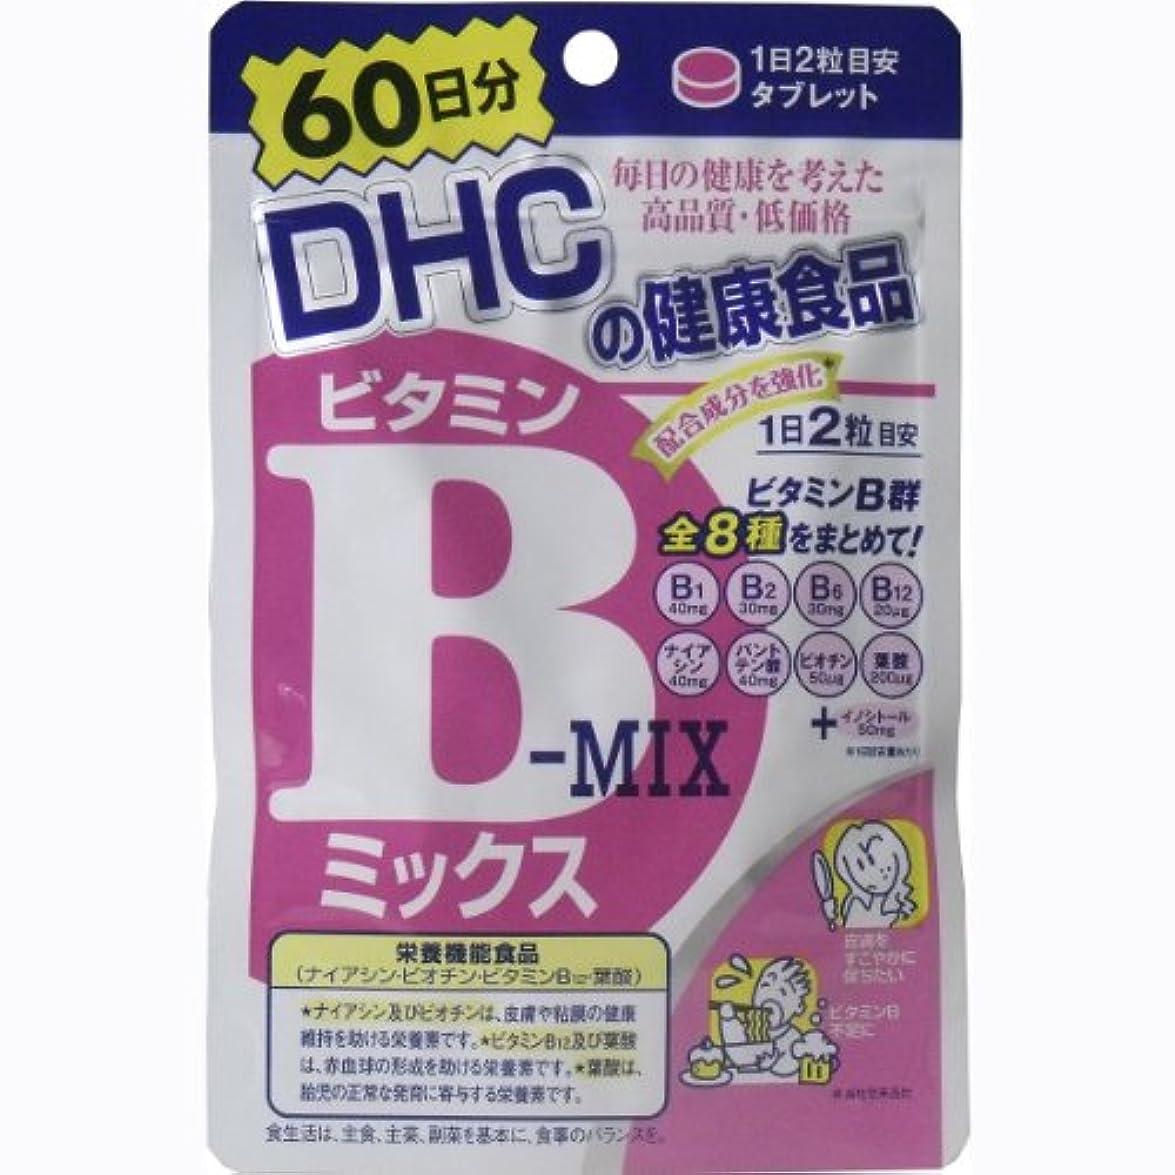 潮押すのぞき見DHC ビタミンBミックス 120粒 60日分 ×5個セット